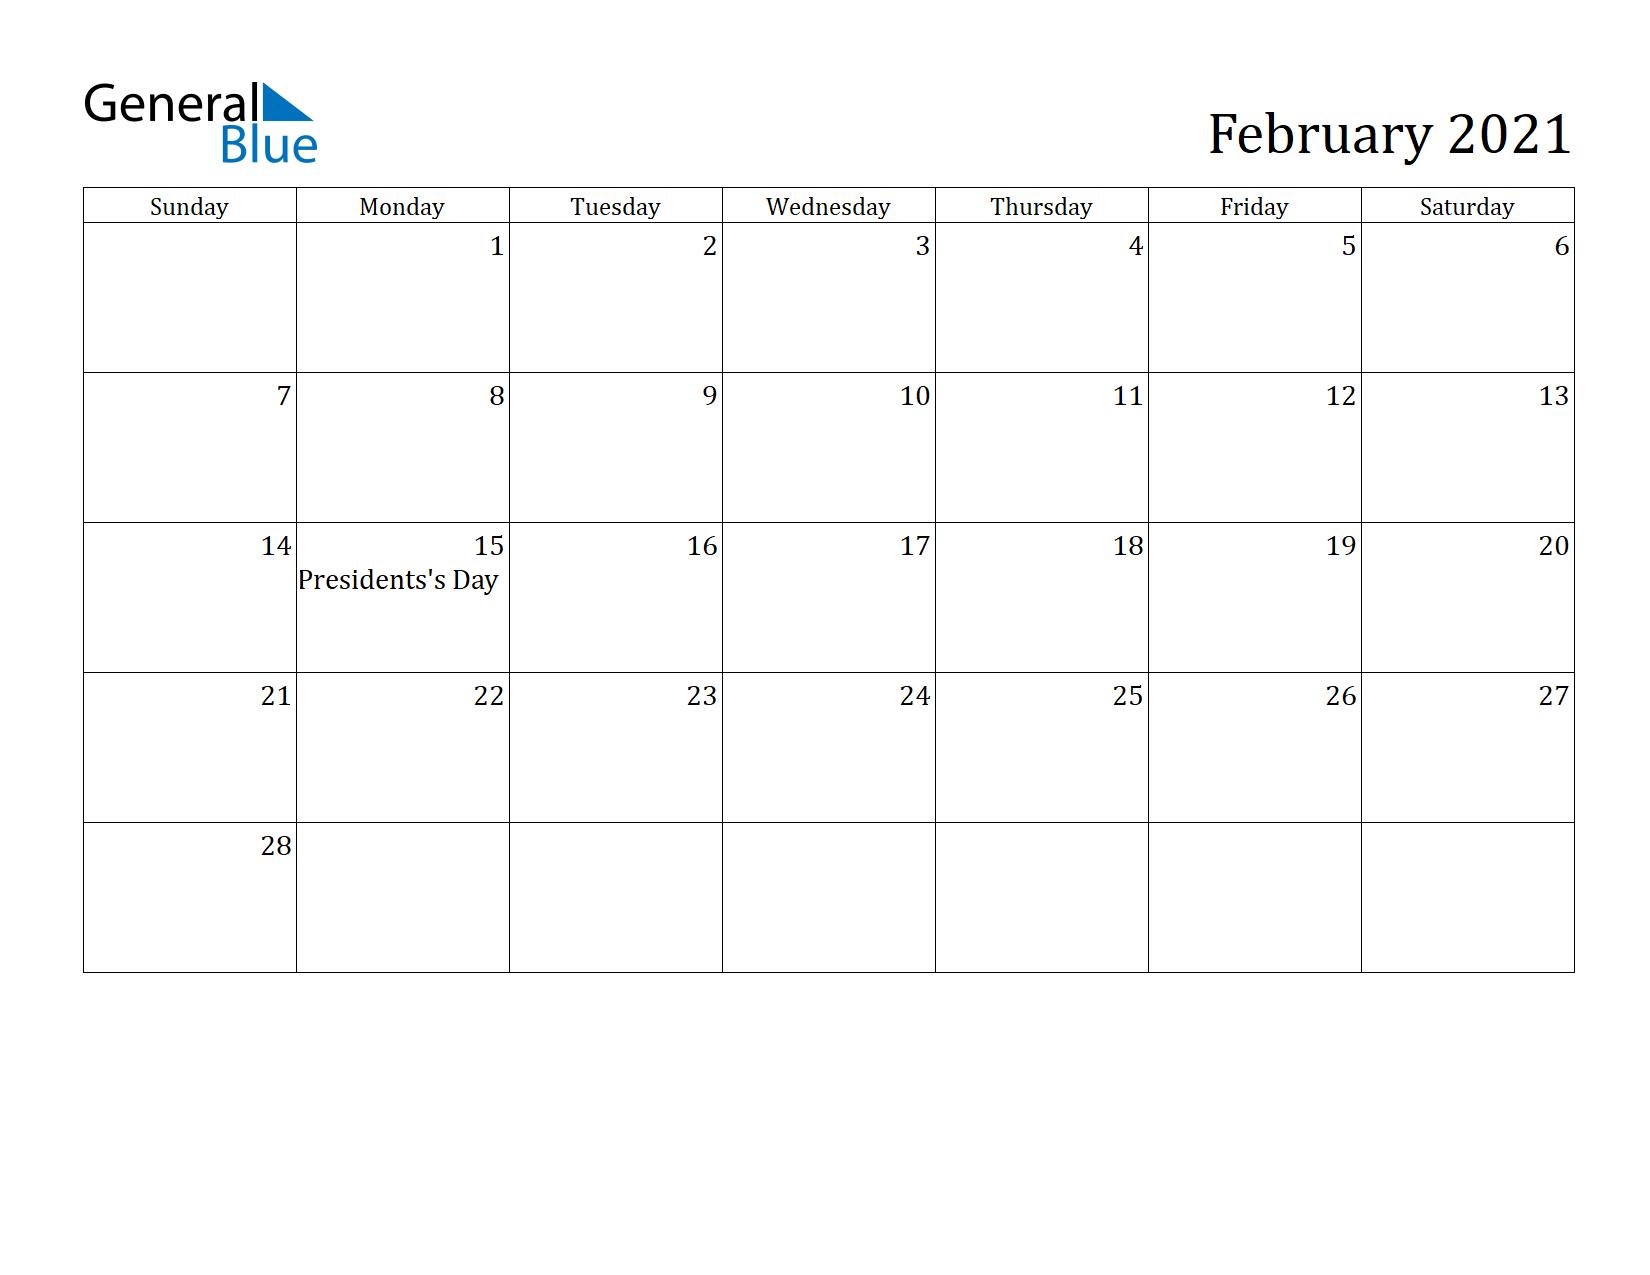 Image of February 2021 Calendar